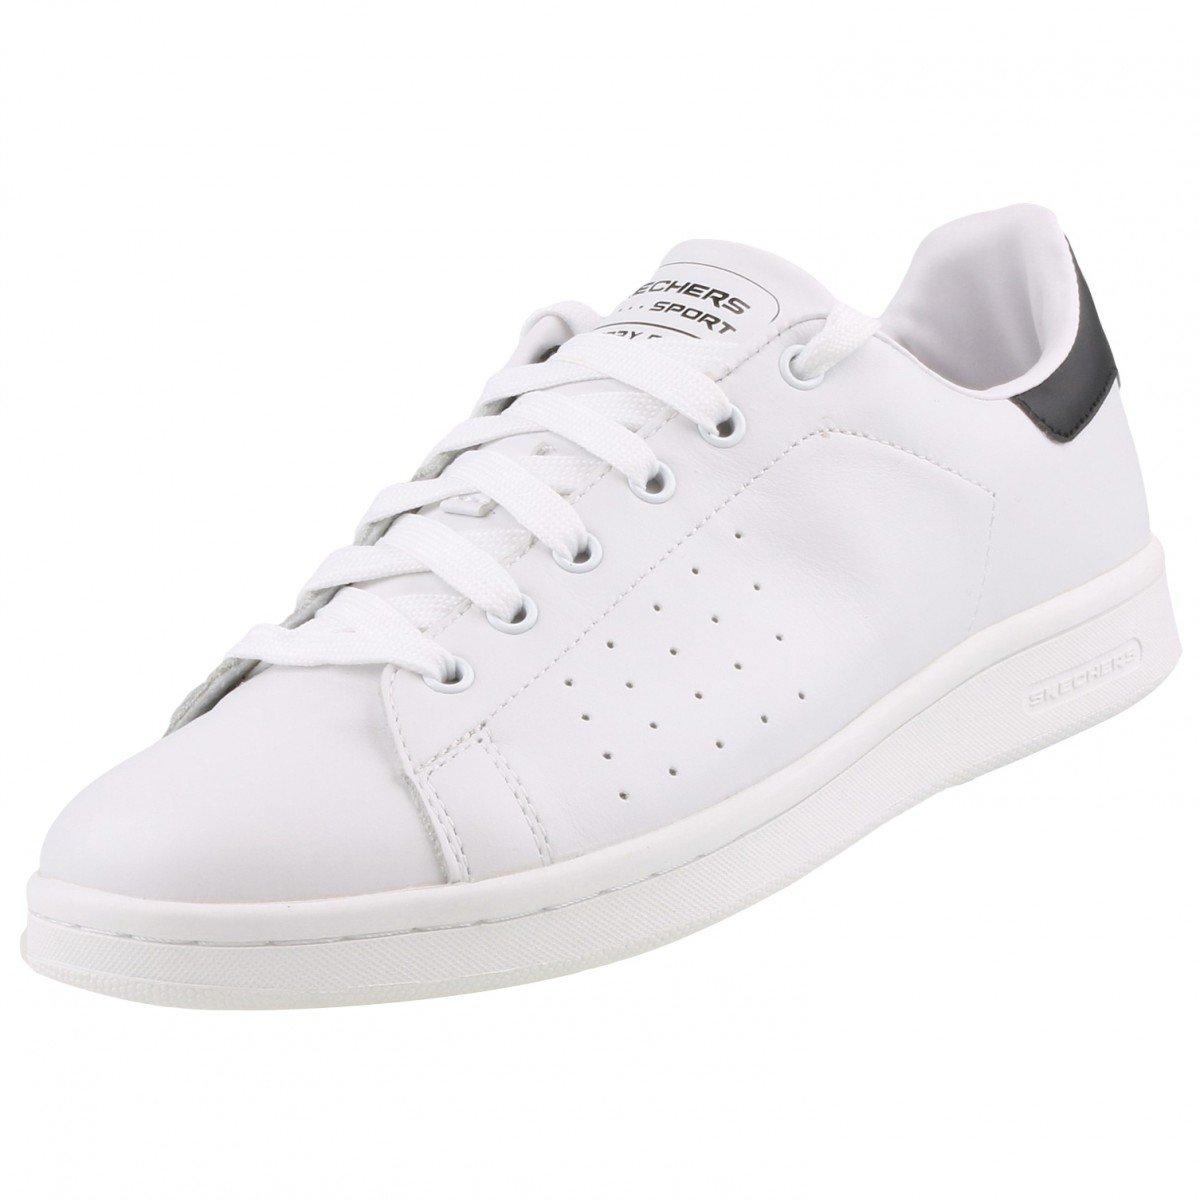 Skechers Damen Onix Sneakers  40 EU|Wei? (Wbk)